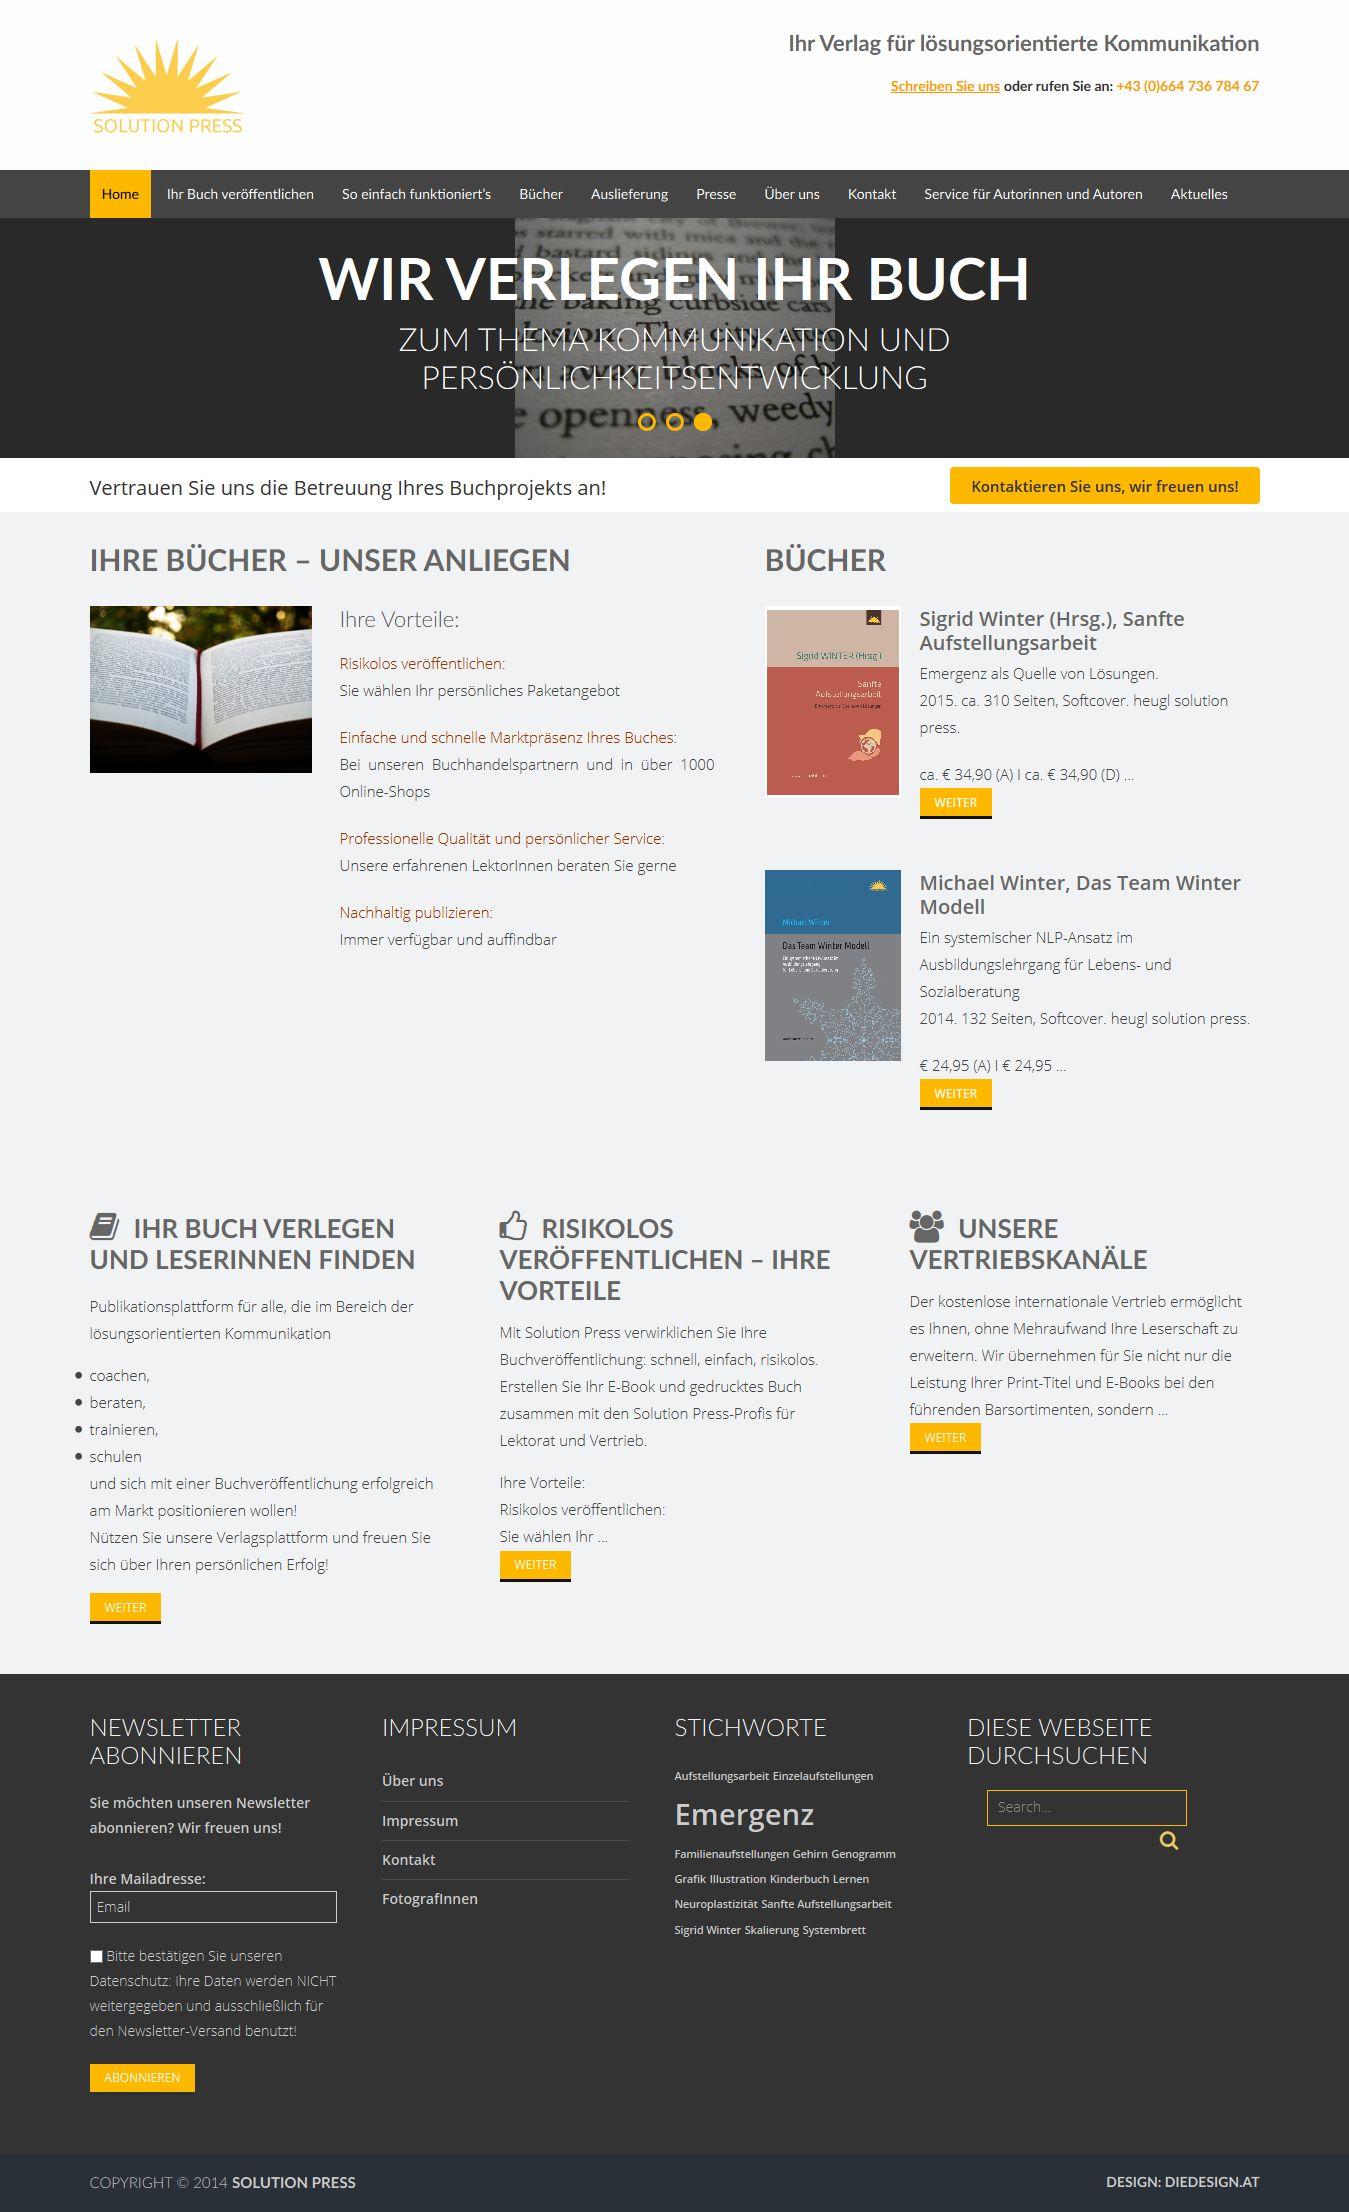 Wordpress Webseite für den Verlag solutionpress